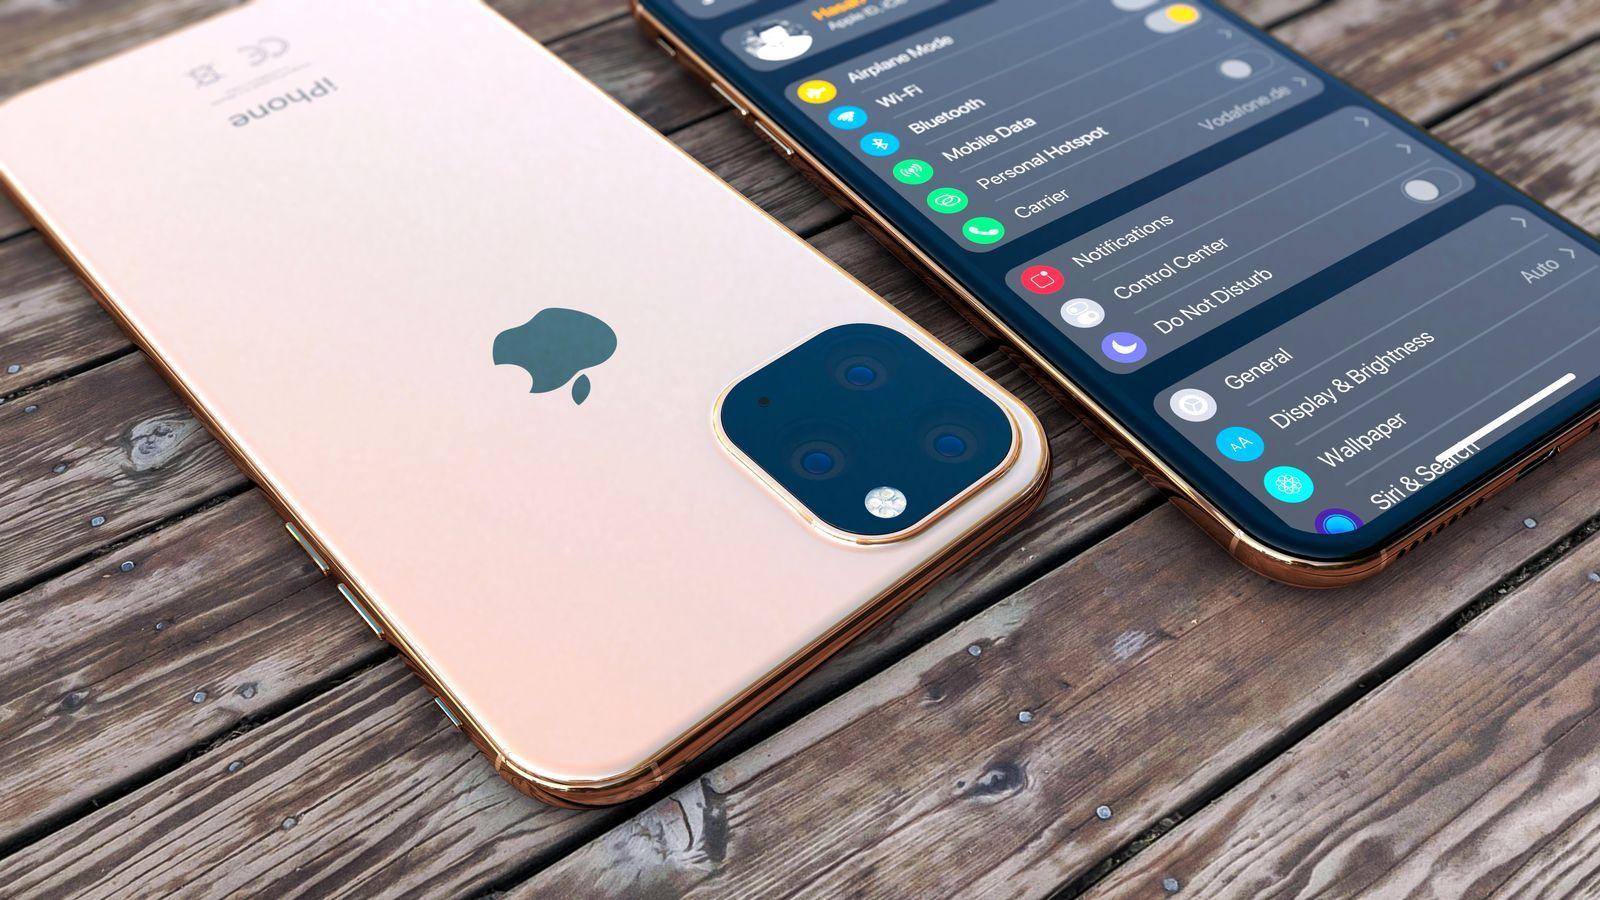 Íme az összes infó az iPhone 11-ről, egy helyen!